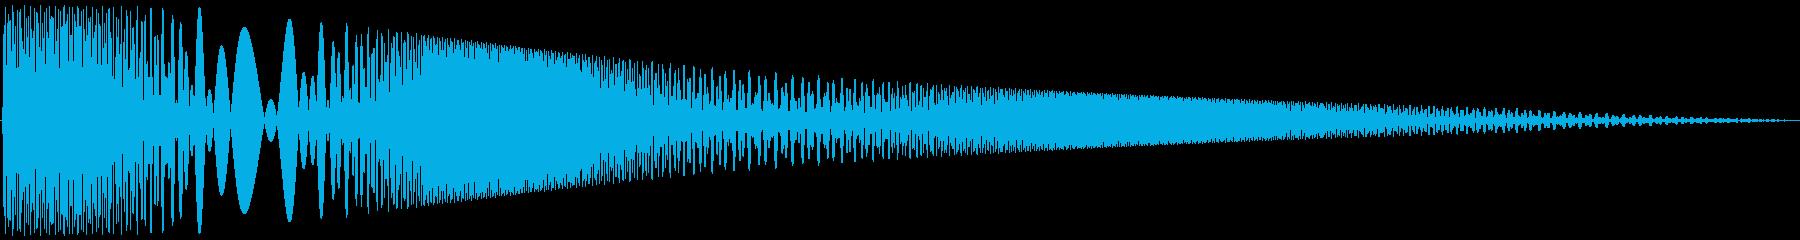 ボヨヨンと柔らかいものが揺れる04の再生済みの波形